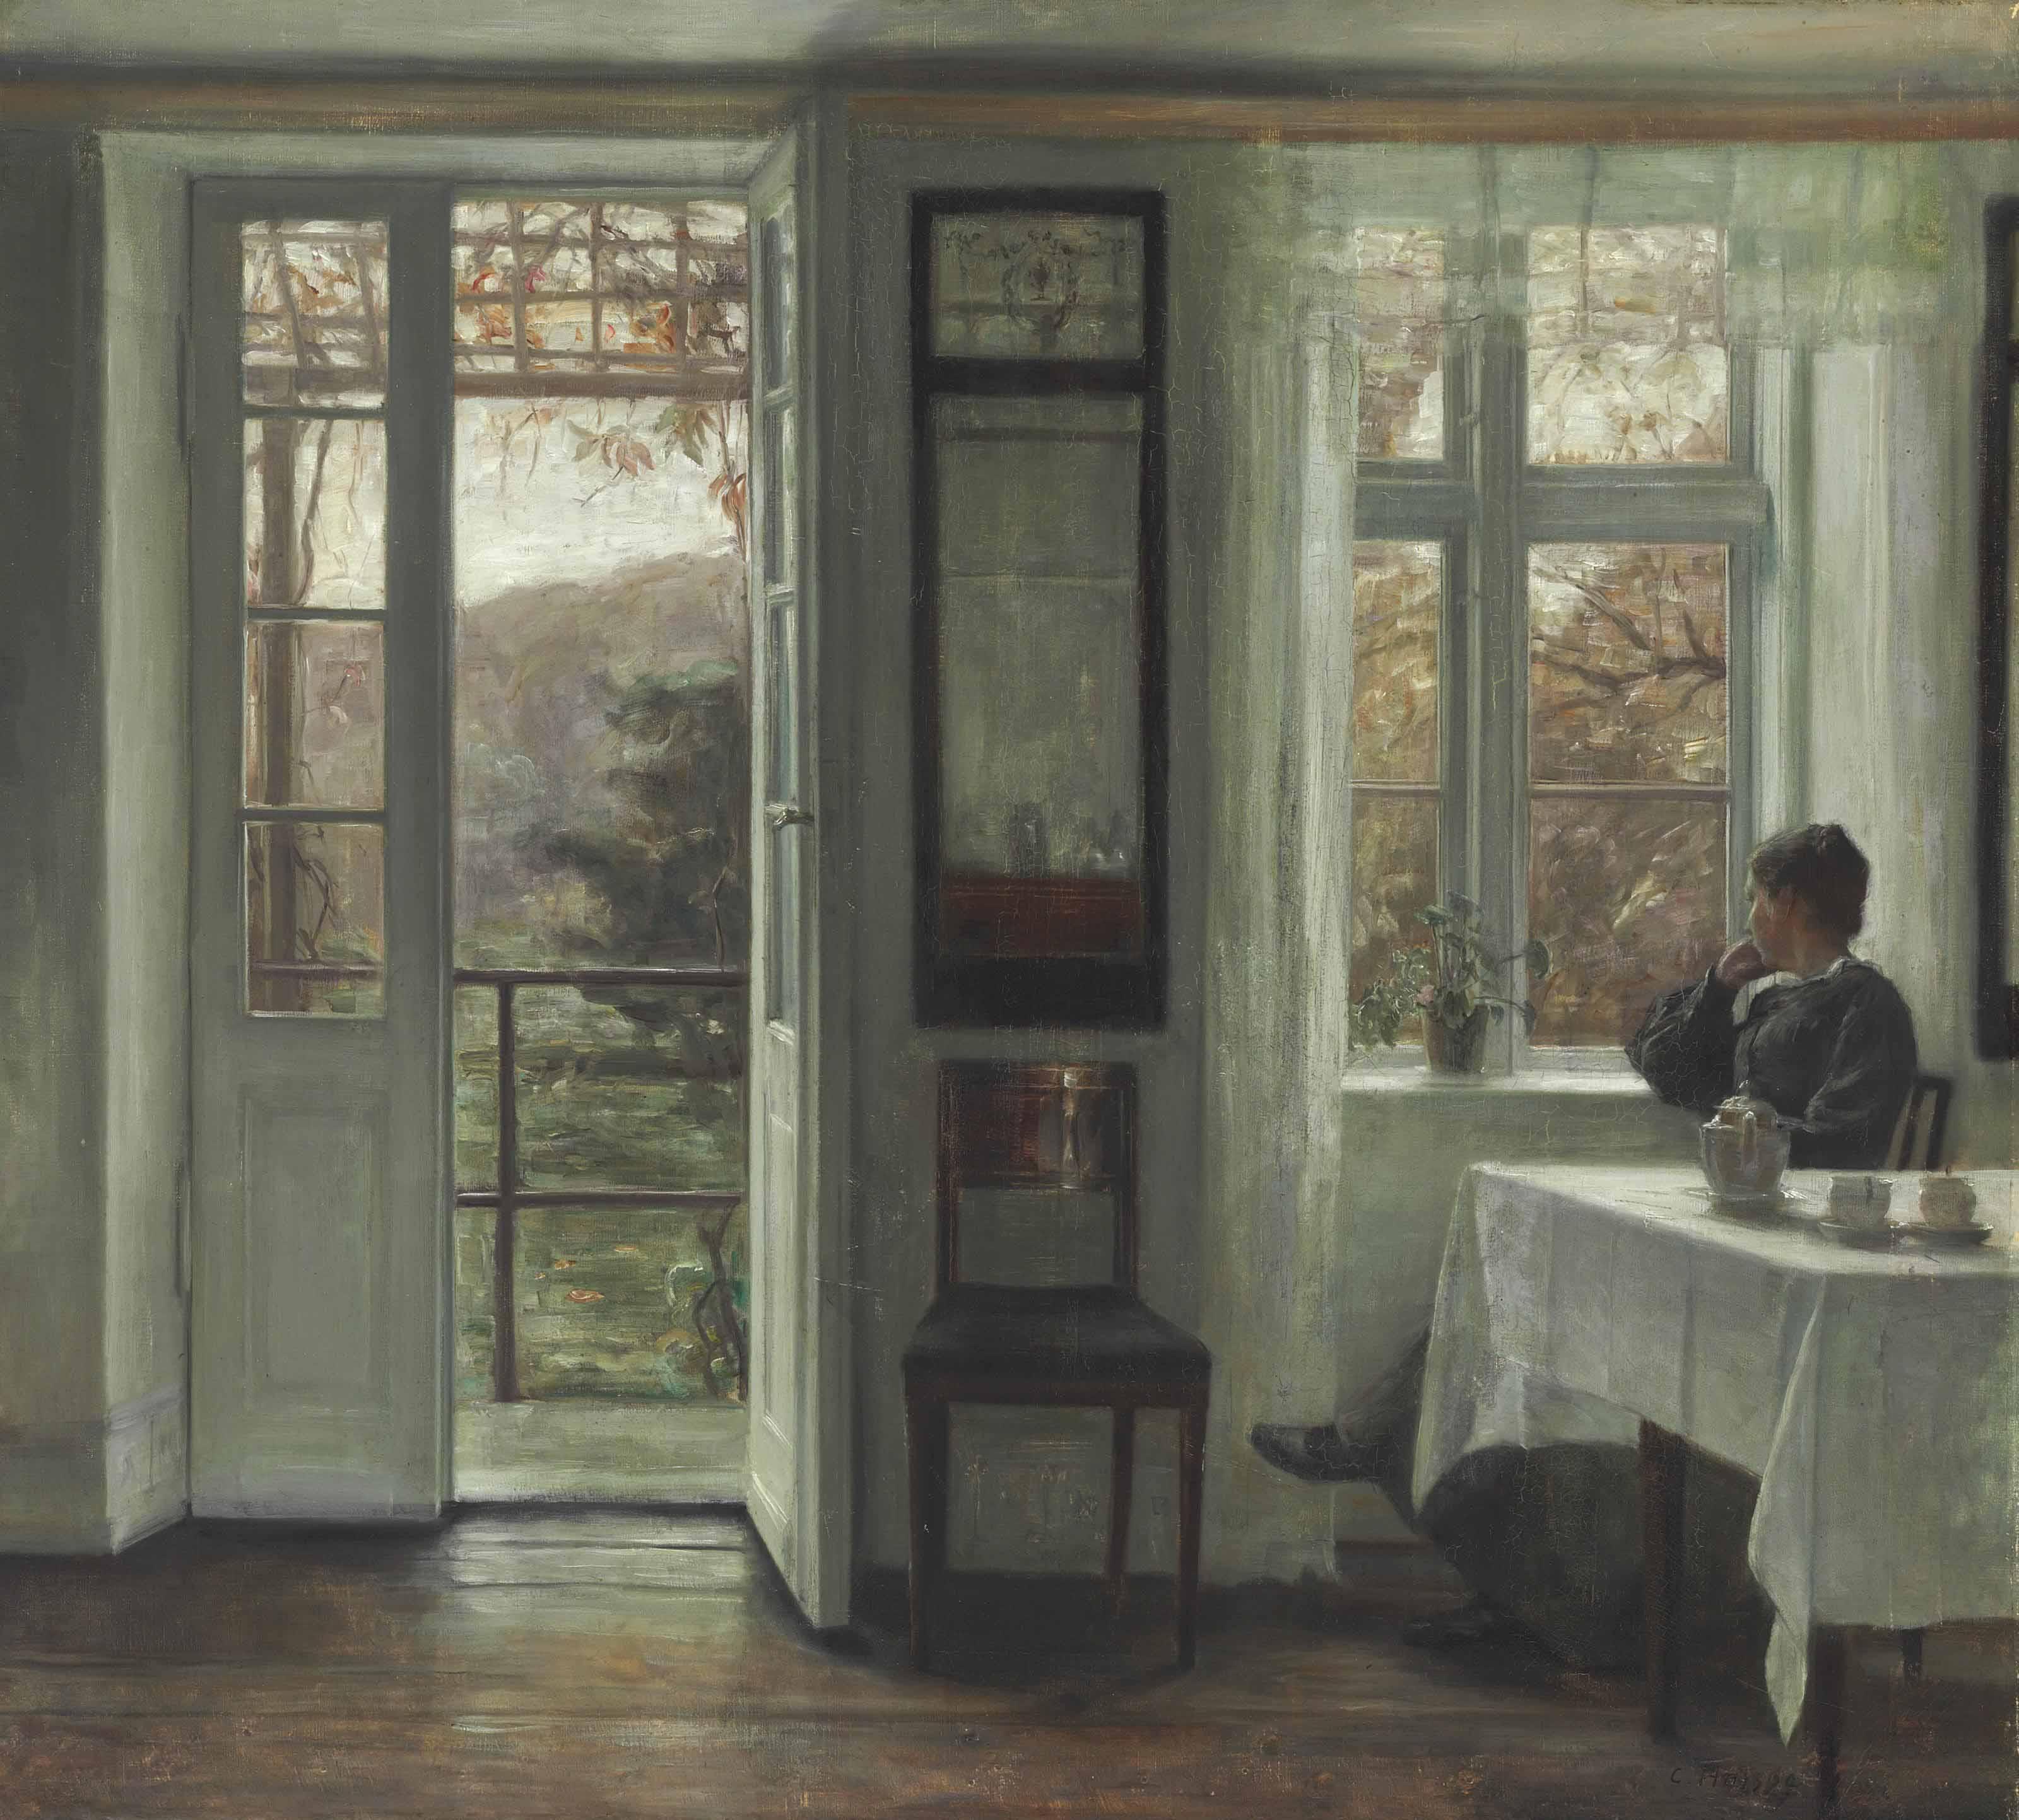 Carl Vilhelm Holsøe (Danish, 1863-1935)